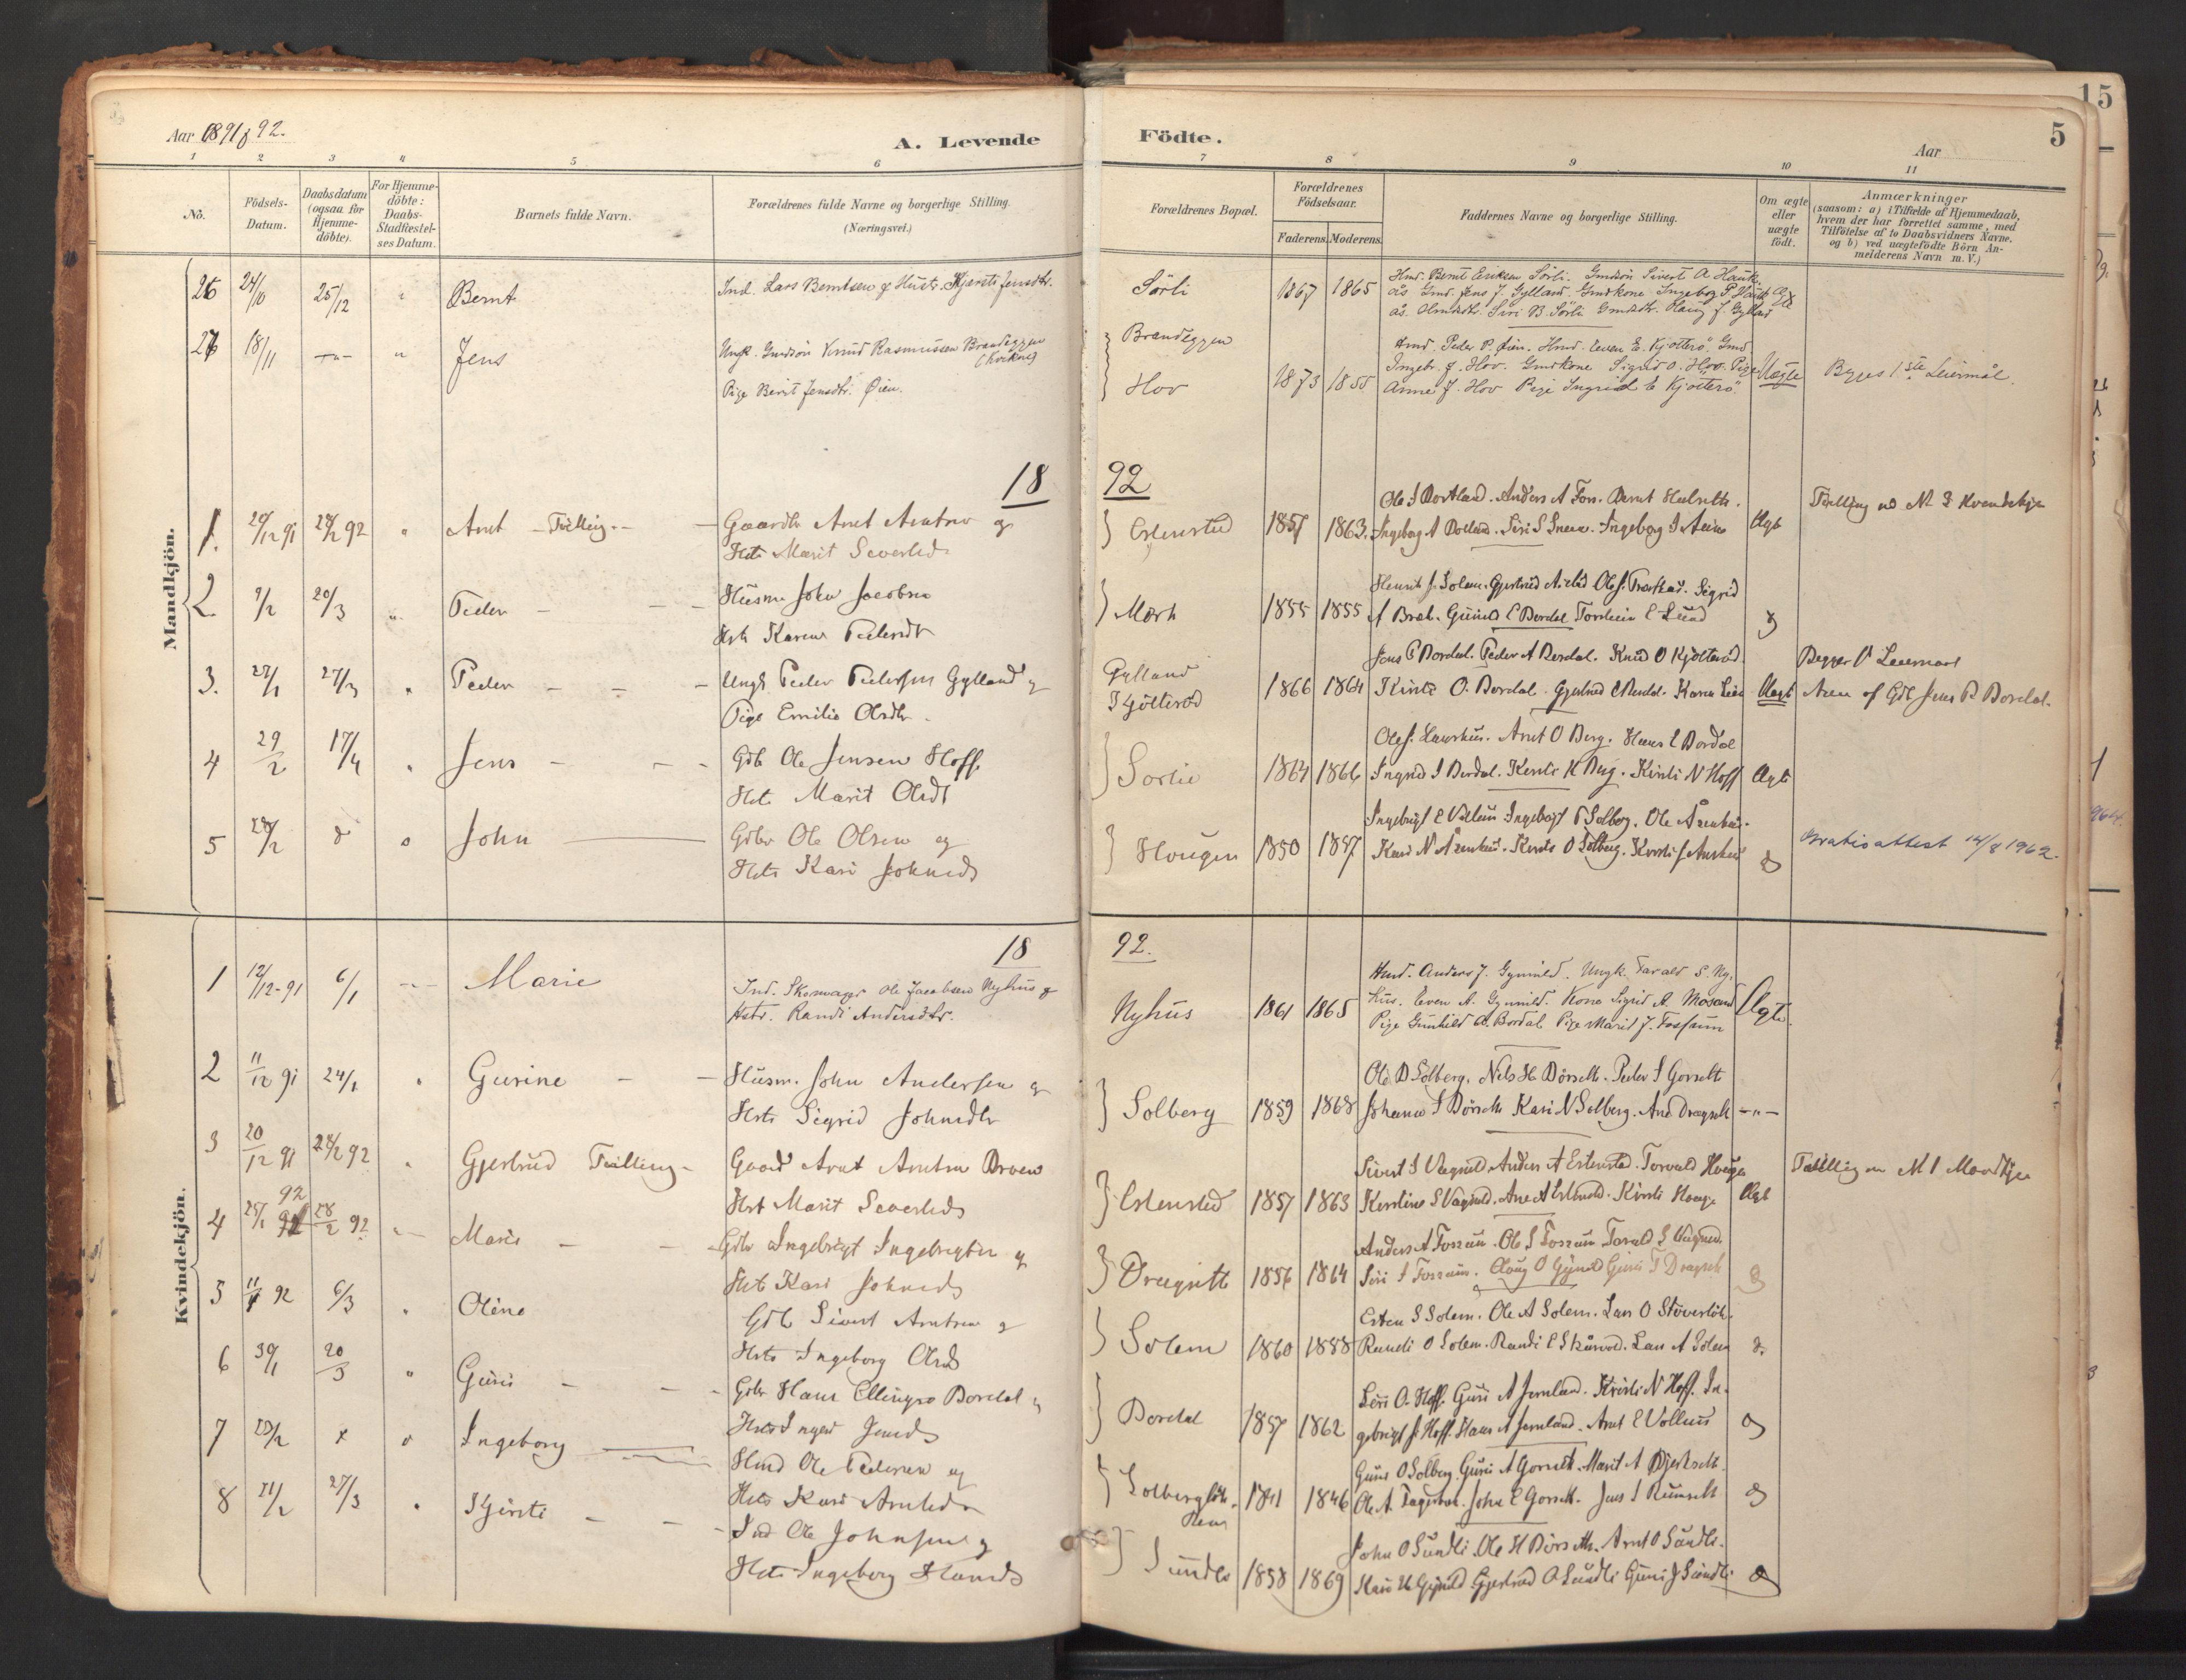 SAT, Ministerialprotokoller, klokkerbøker og fødselsregistre - Sør-Trøndelag, 689/L1041: Ministerialbok nr. 689A06, 1891-1923, s. 5